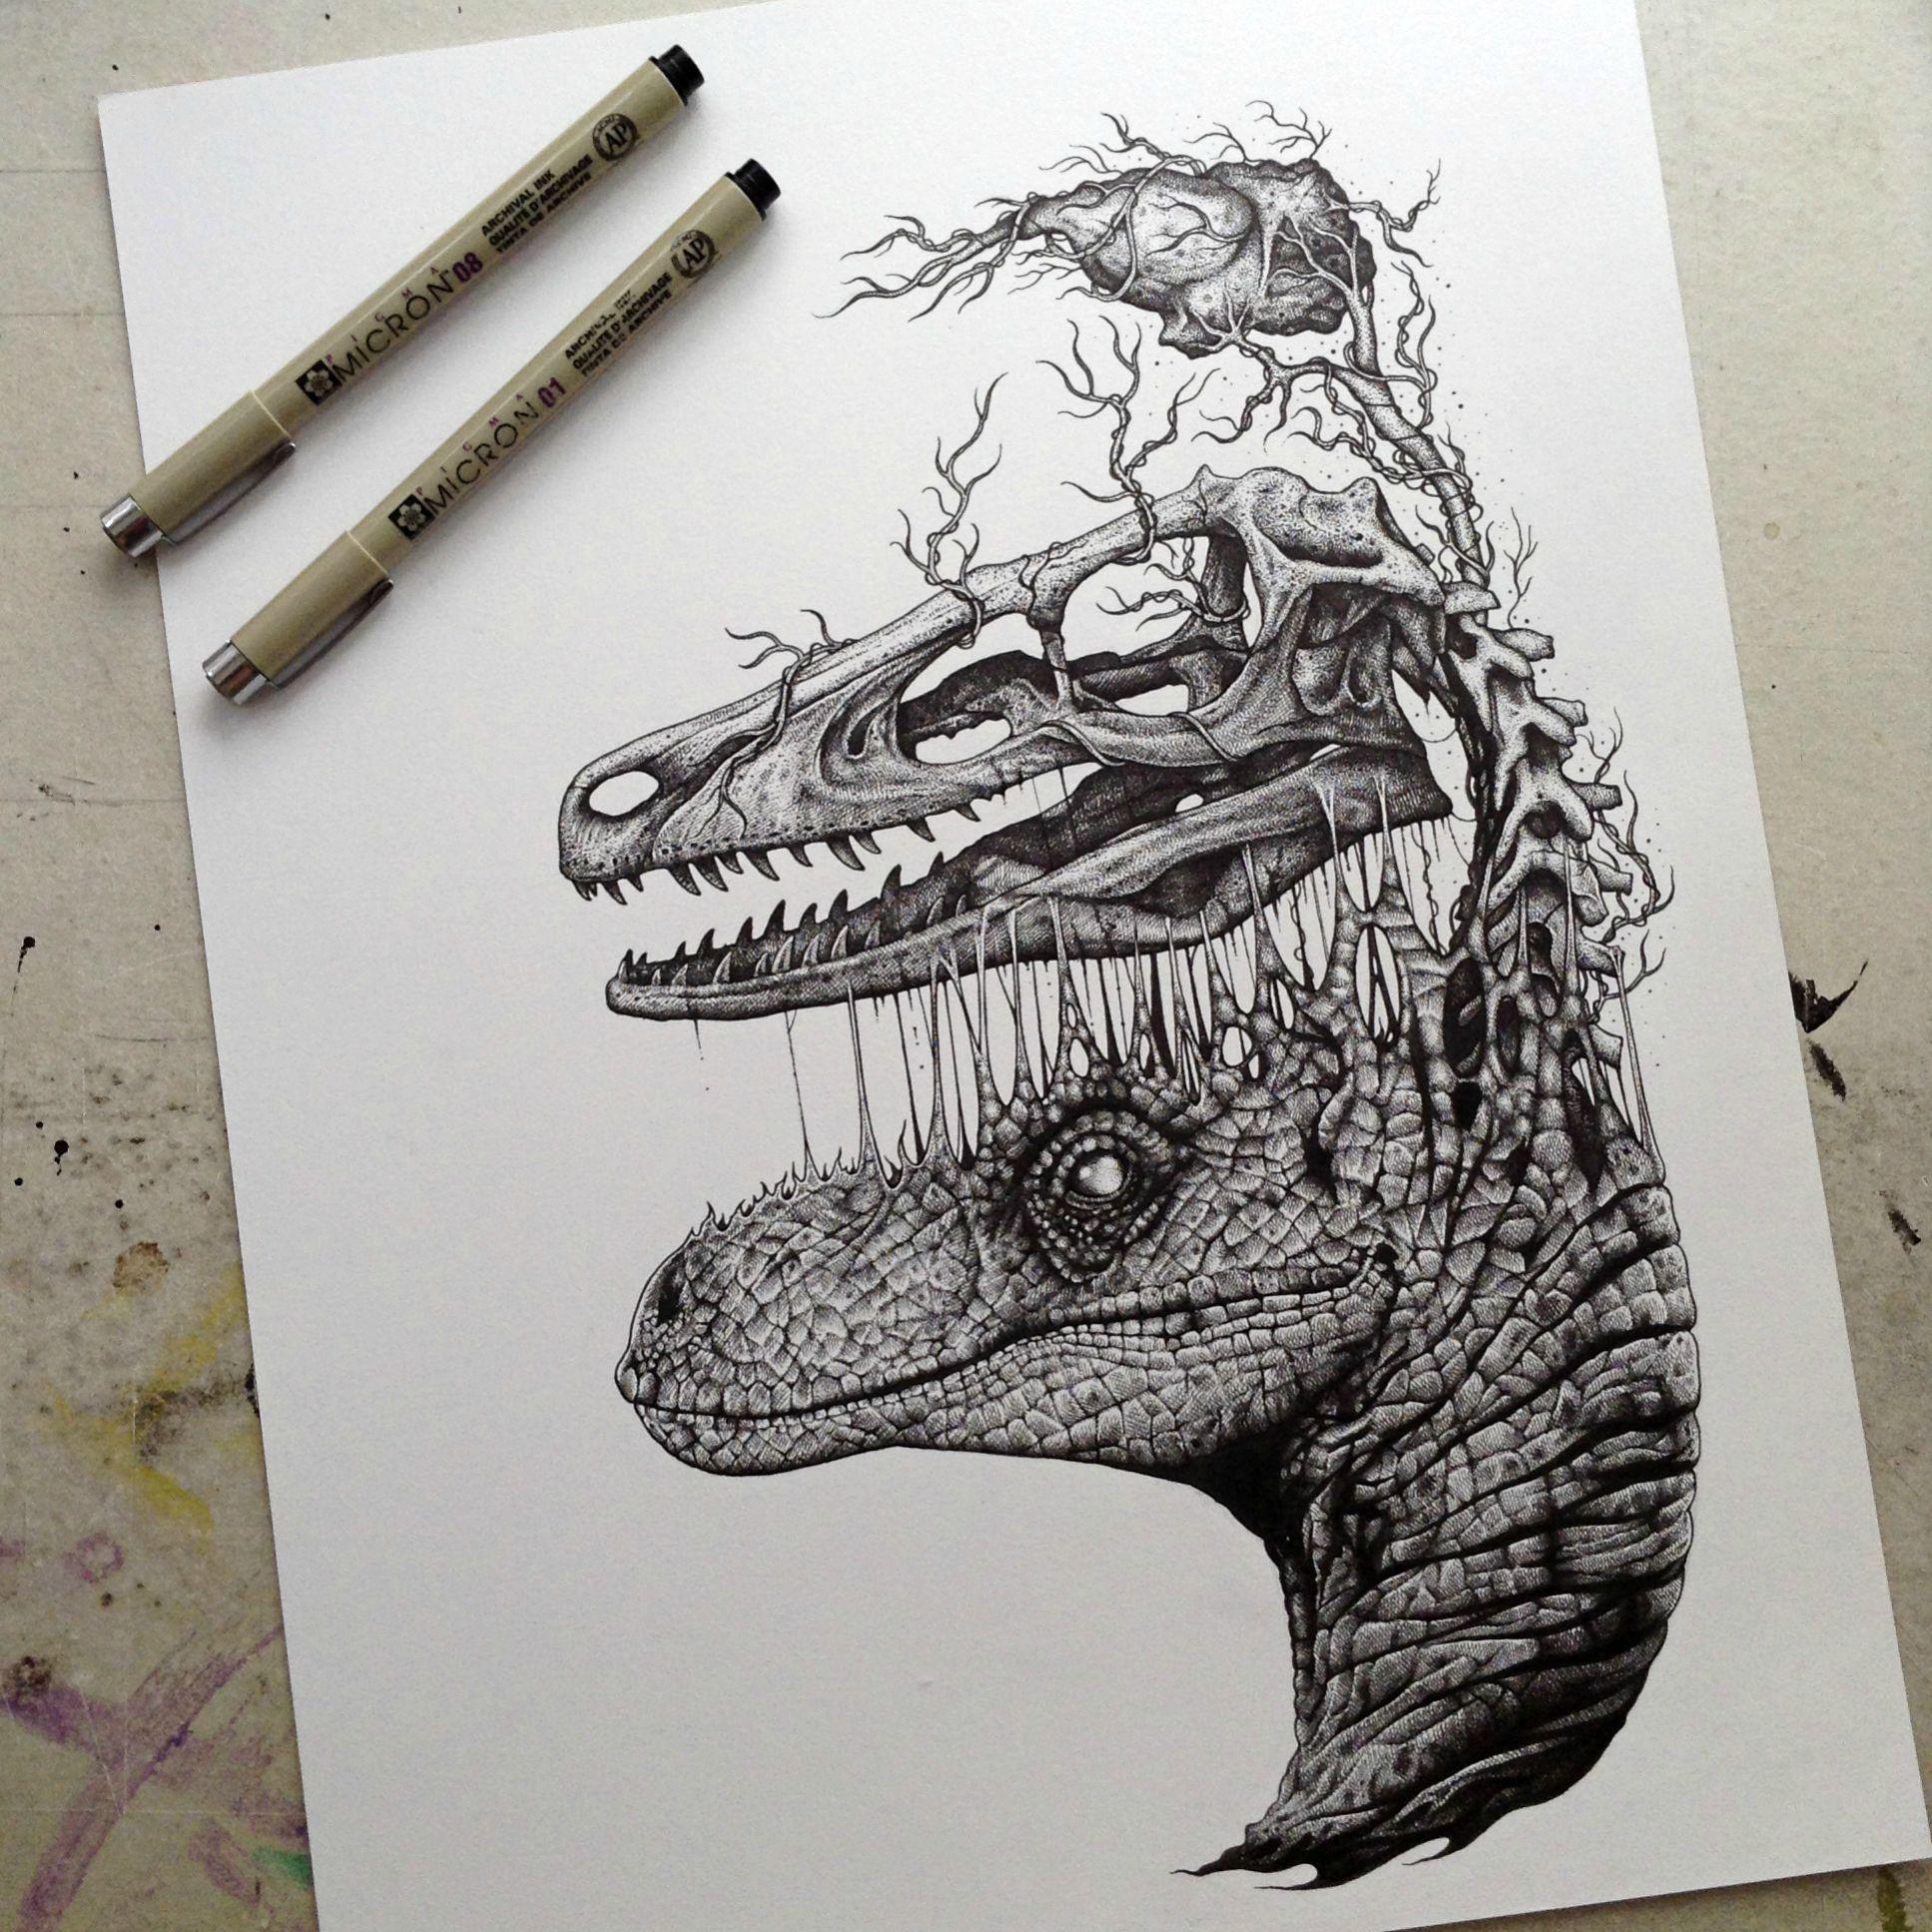 Drawn brain skull #3